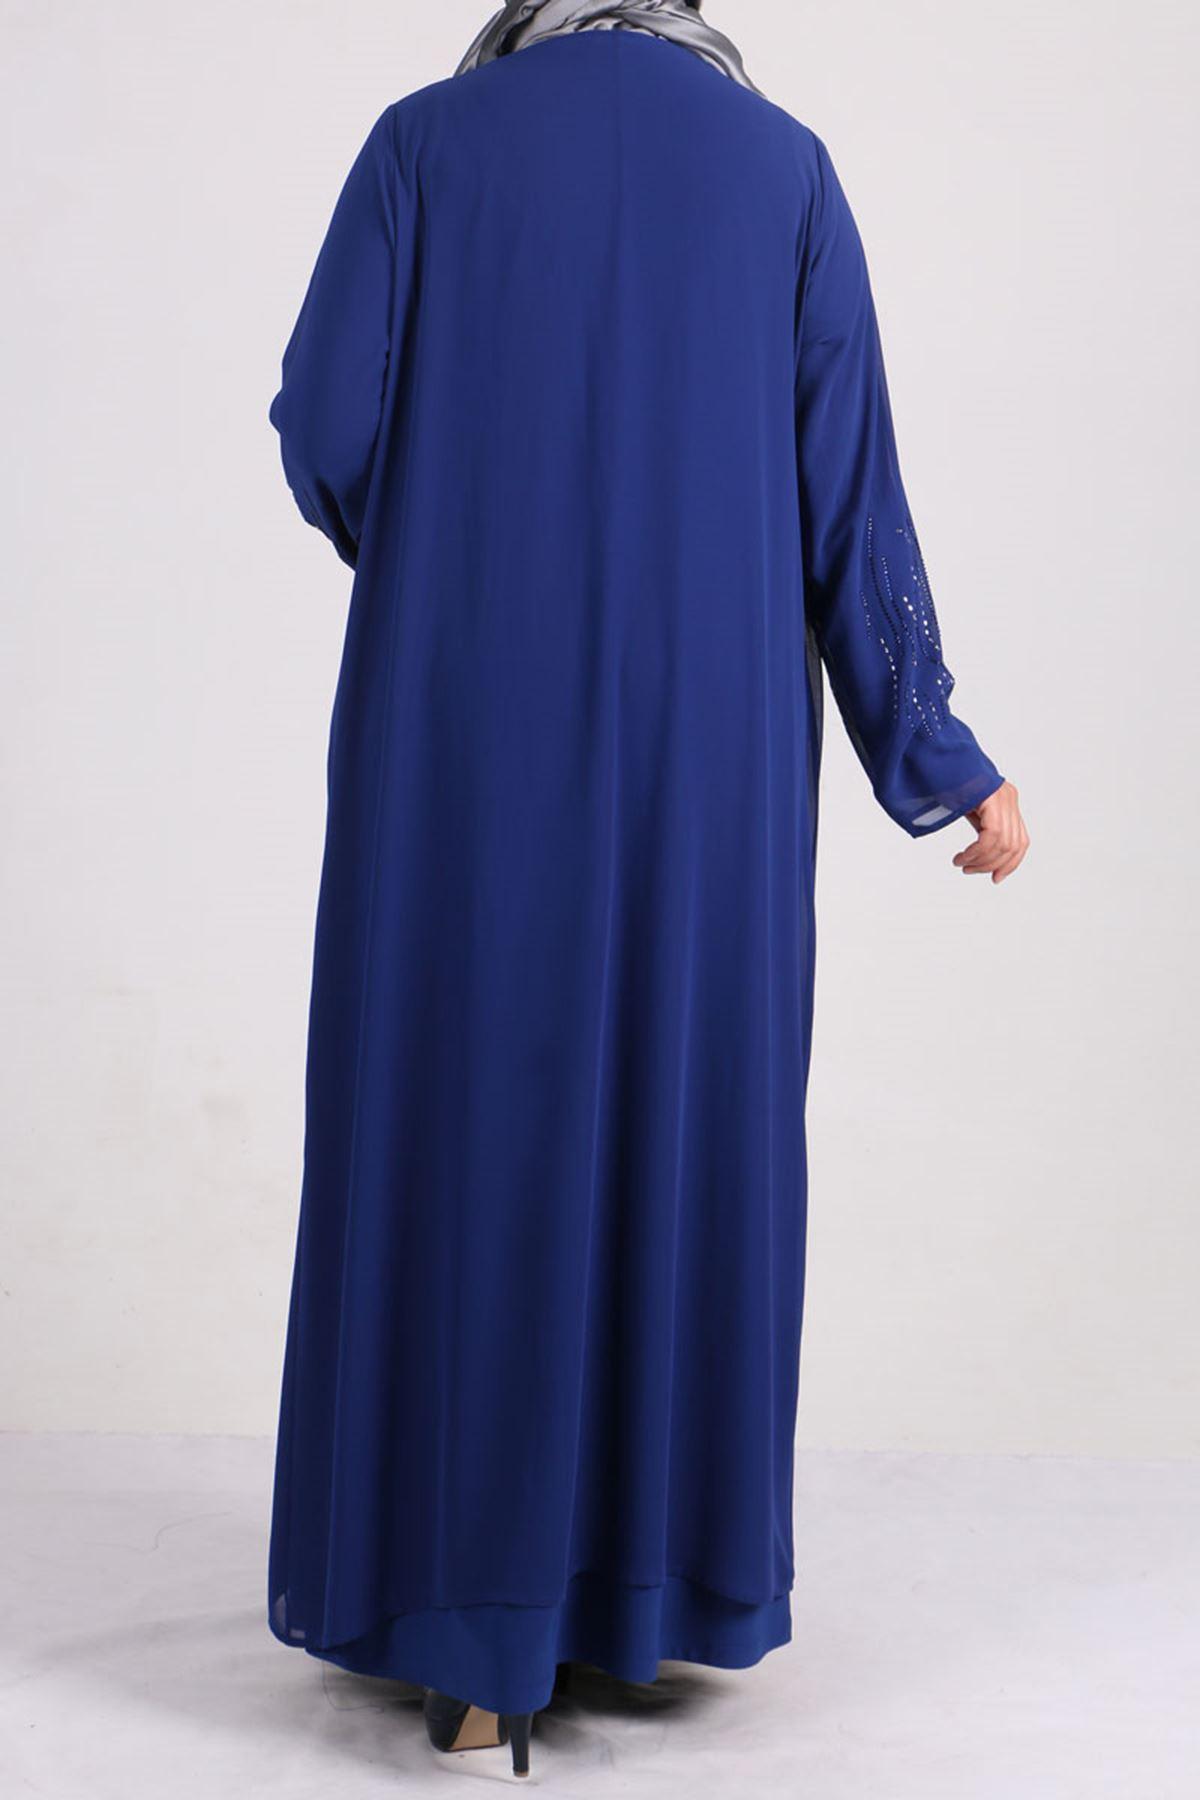 2086 Büyük Beden Sandy-Şifon Taş Baskılı Abiye Elbise - Saks